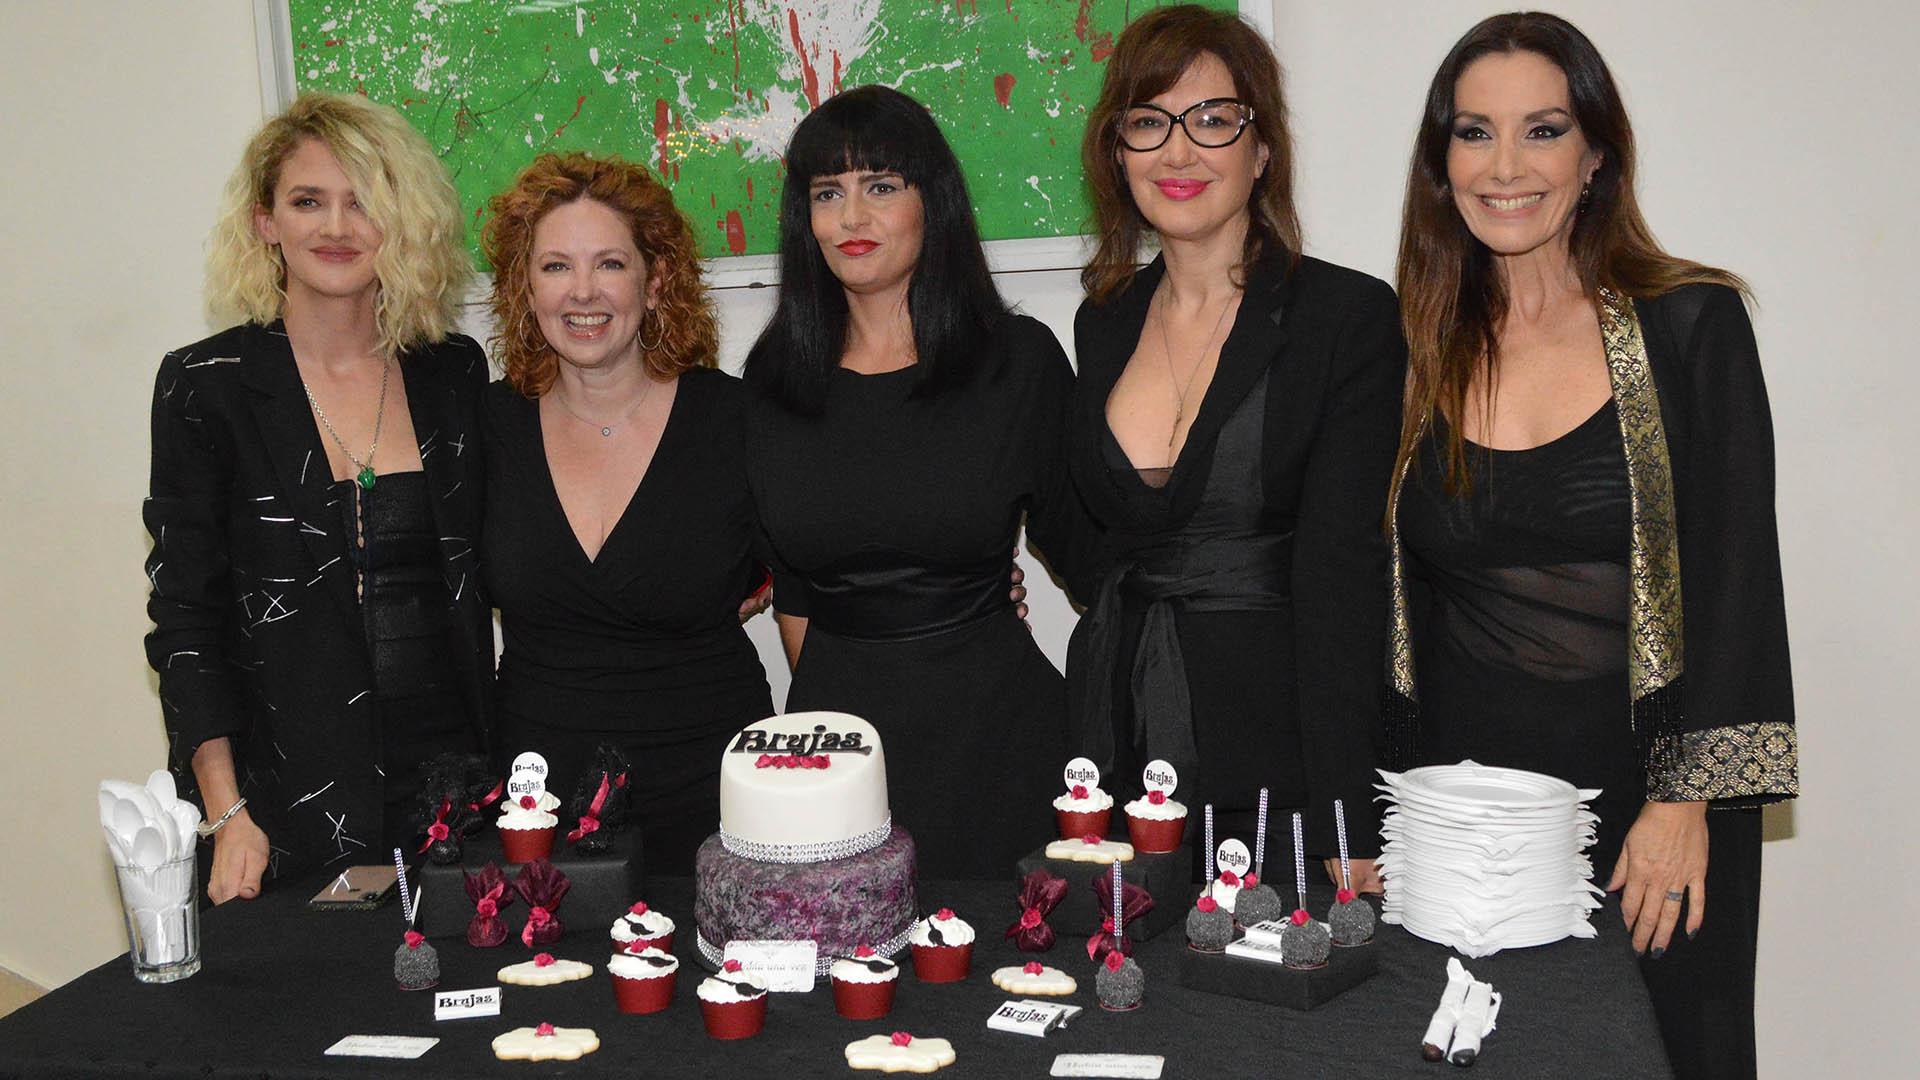 Las estrellas de la obra que interpretan a cinco mujeres que fueron amigas durante el ciclo escolar